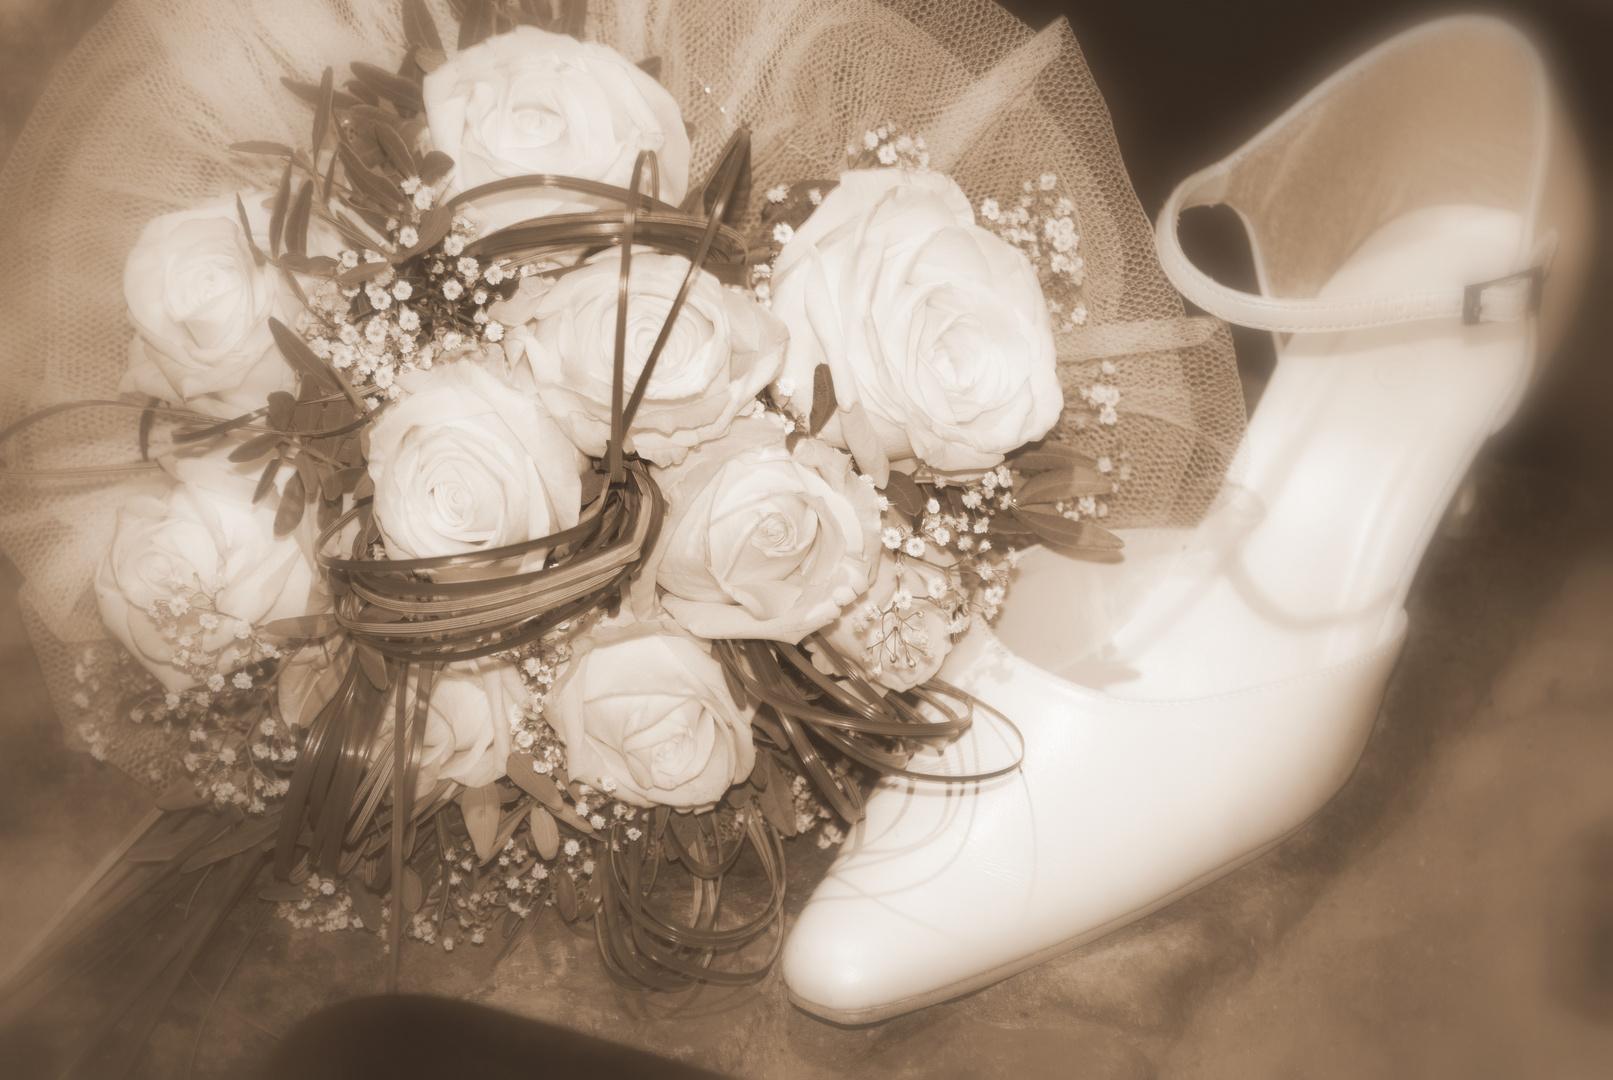 Schuh und Blumen der Braut - Hochzeit vom besten Freund.